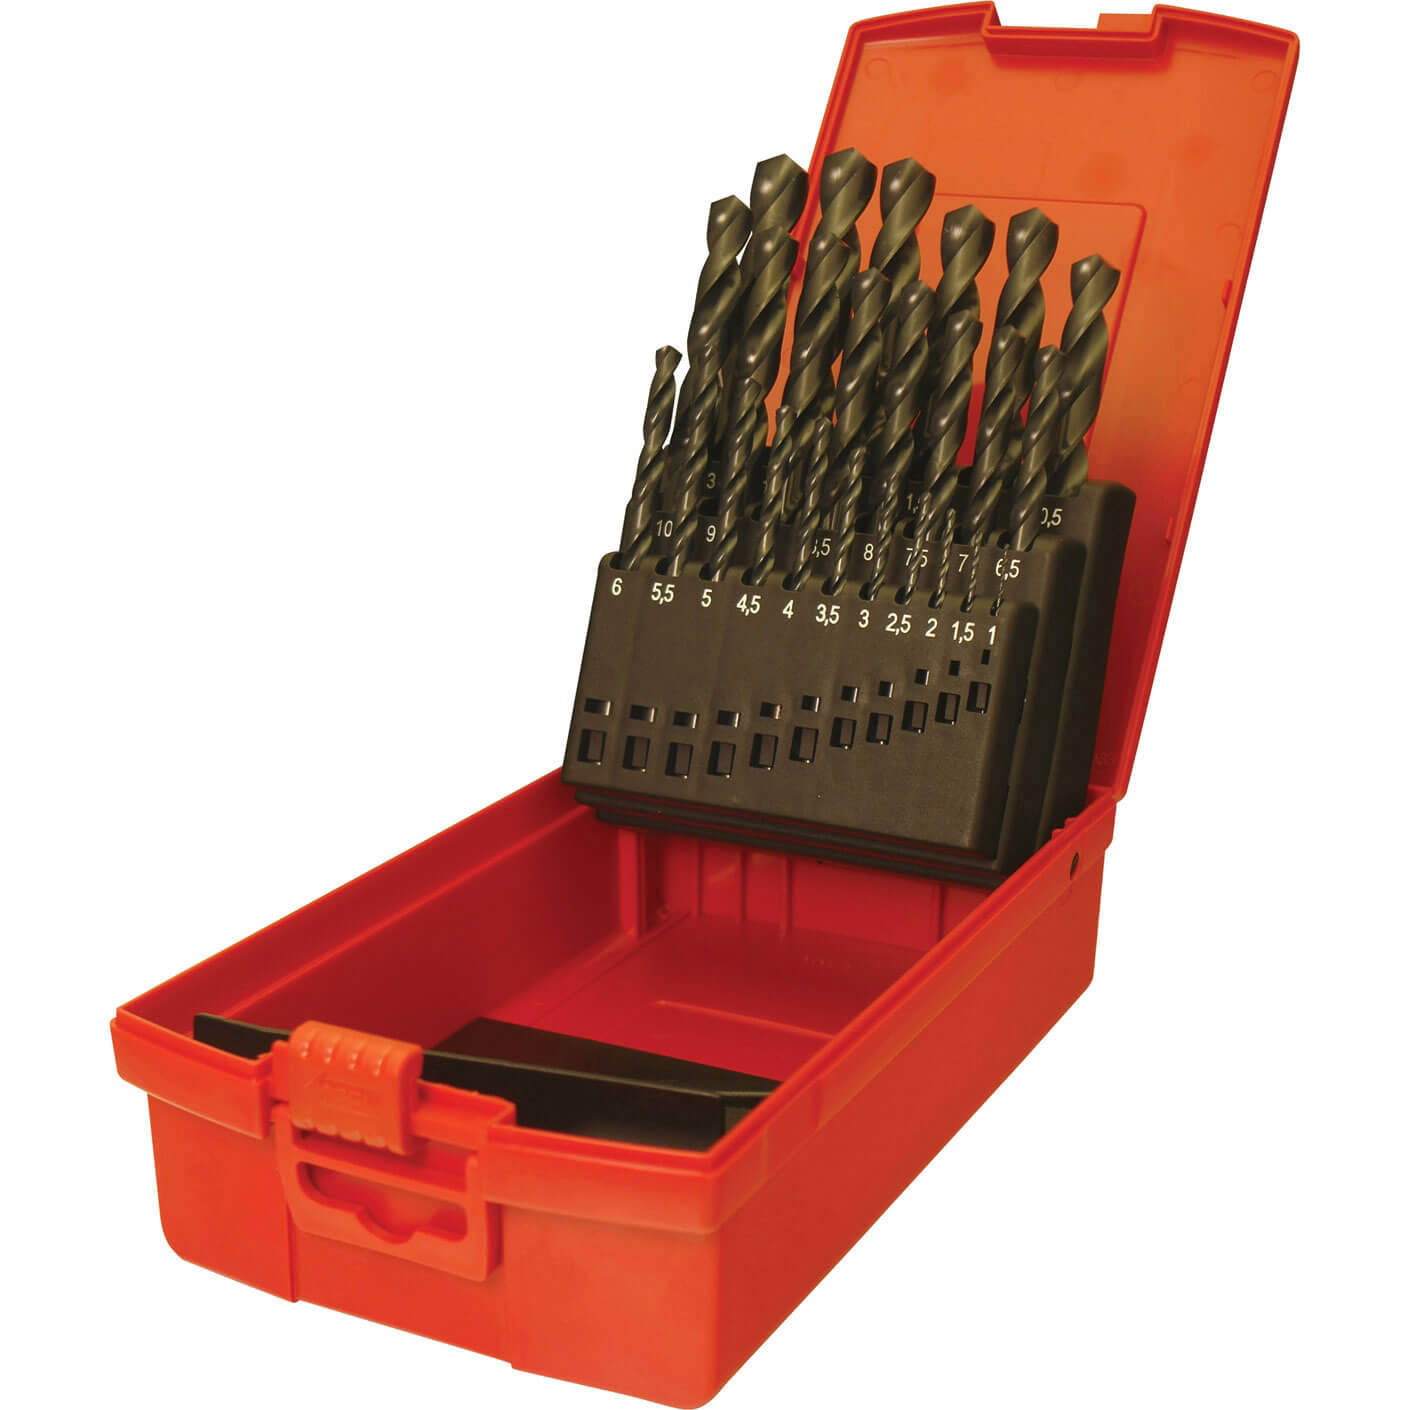 Image of Dormer A190 No 204 25 Piece HSS Jobber Drill Bit Set